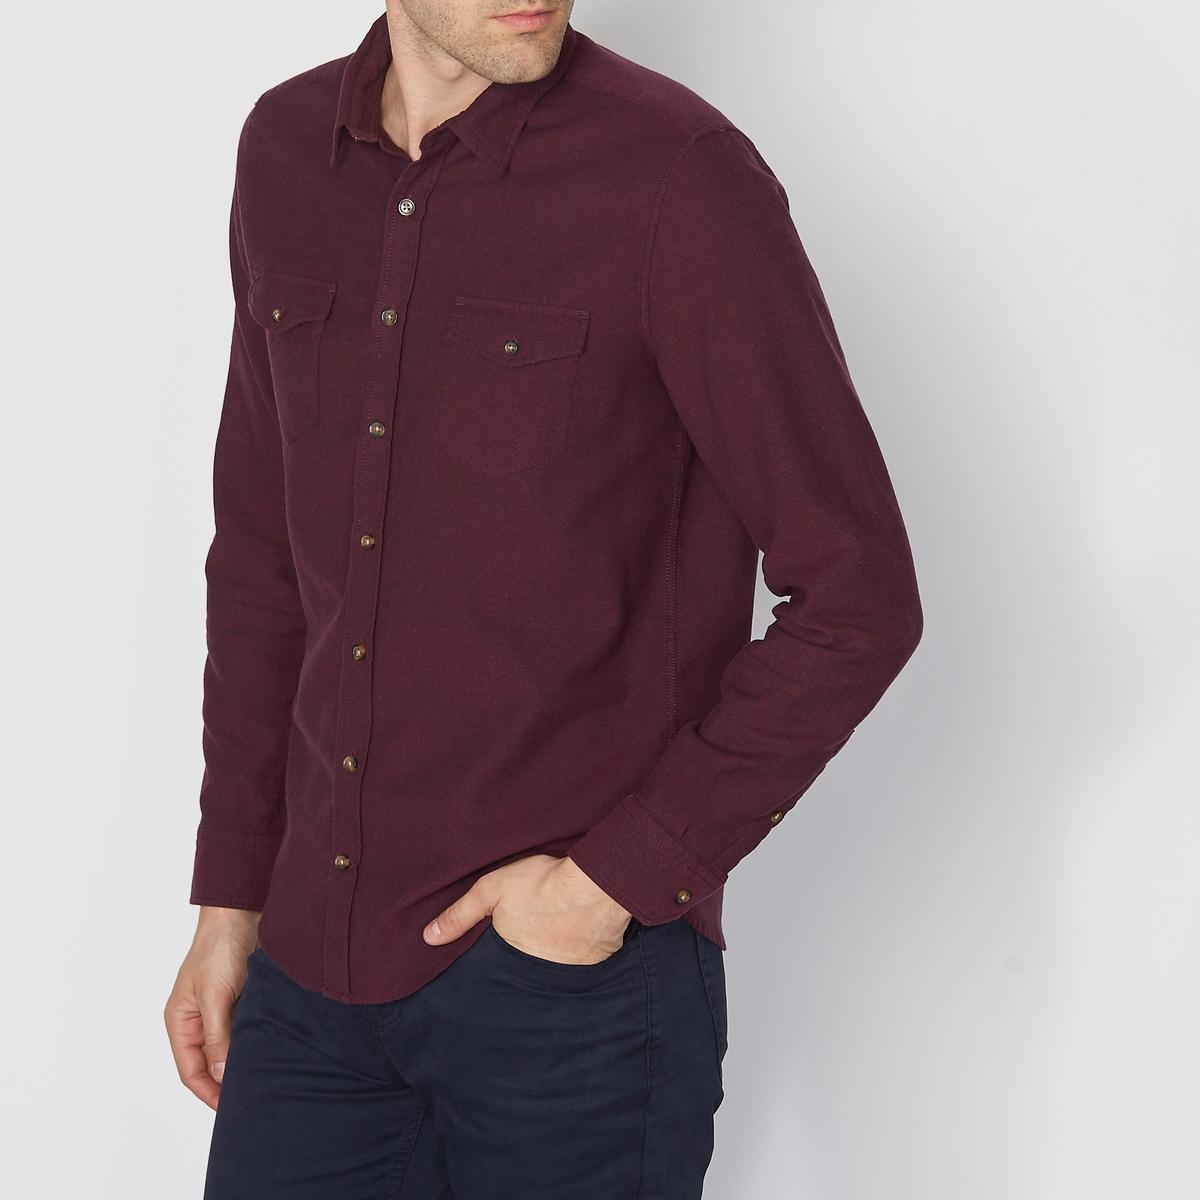 Рубашка с длинными рукавами, стандартный покрой из фланелиСостав &amp; ДеталиМатериал : 76% хлопок, 22% полиэстер, 2% эластанМарка : R edition.УходМашинная стирка при 30 °ССтирать вместе с одеждой подобных цветовГладить с изнаночной стороны.<br><br>Цвет: серый,темно-синий